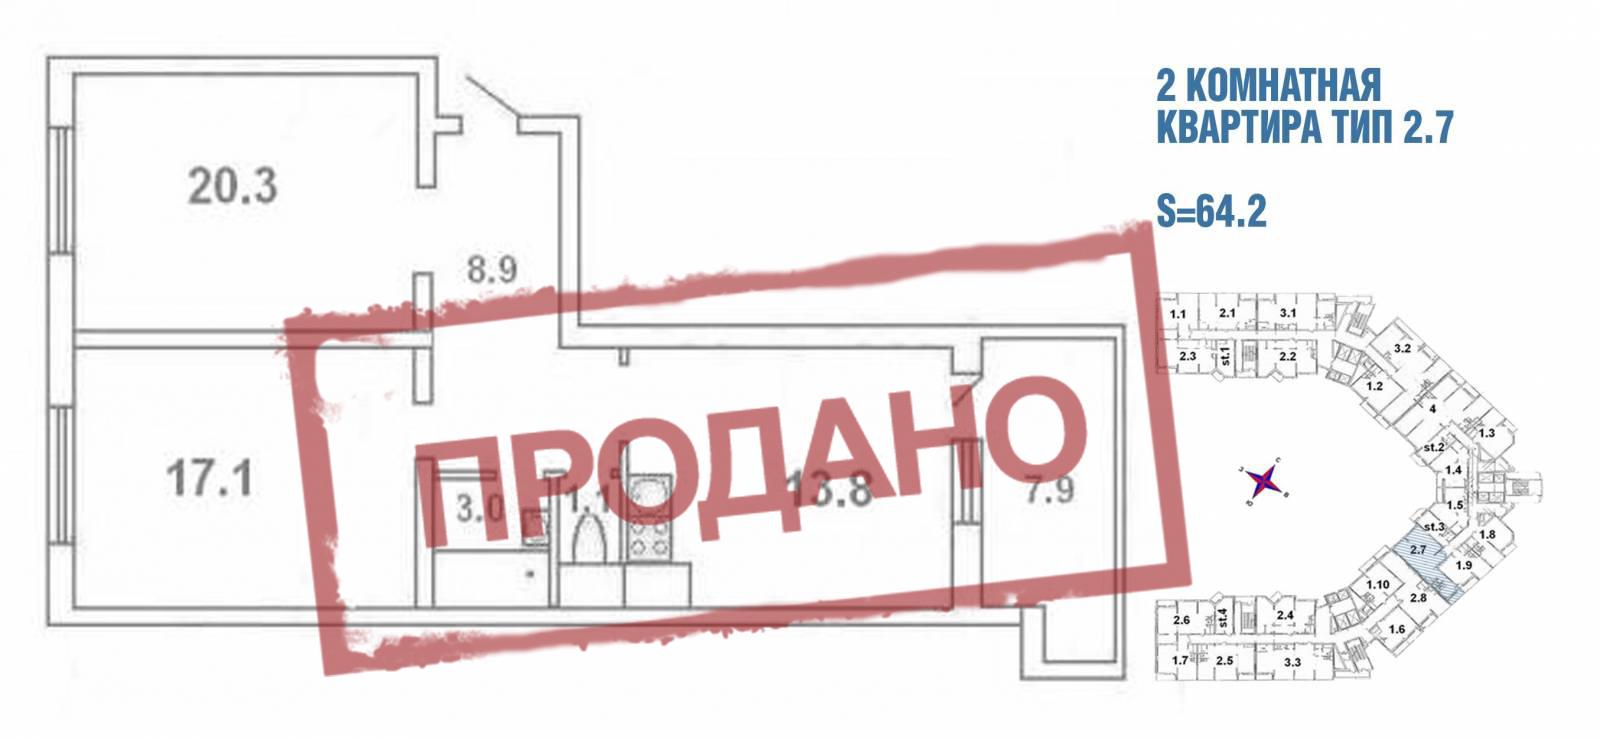 2-х комнатные квартиры тип 2.7 - 64,2 кв.м.